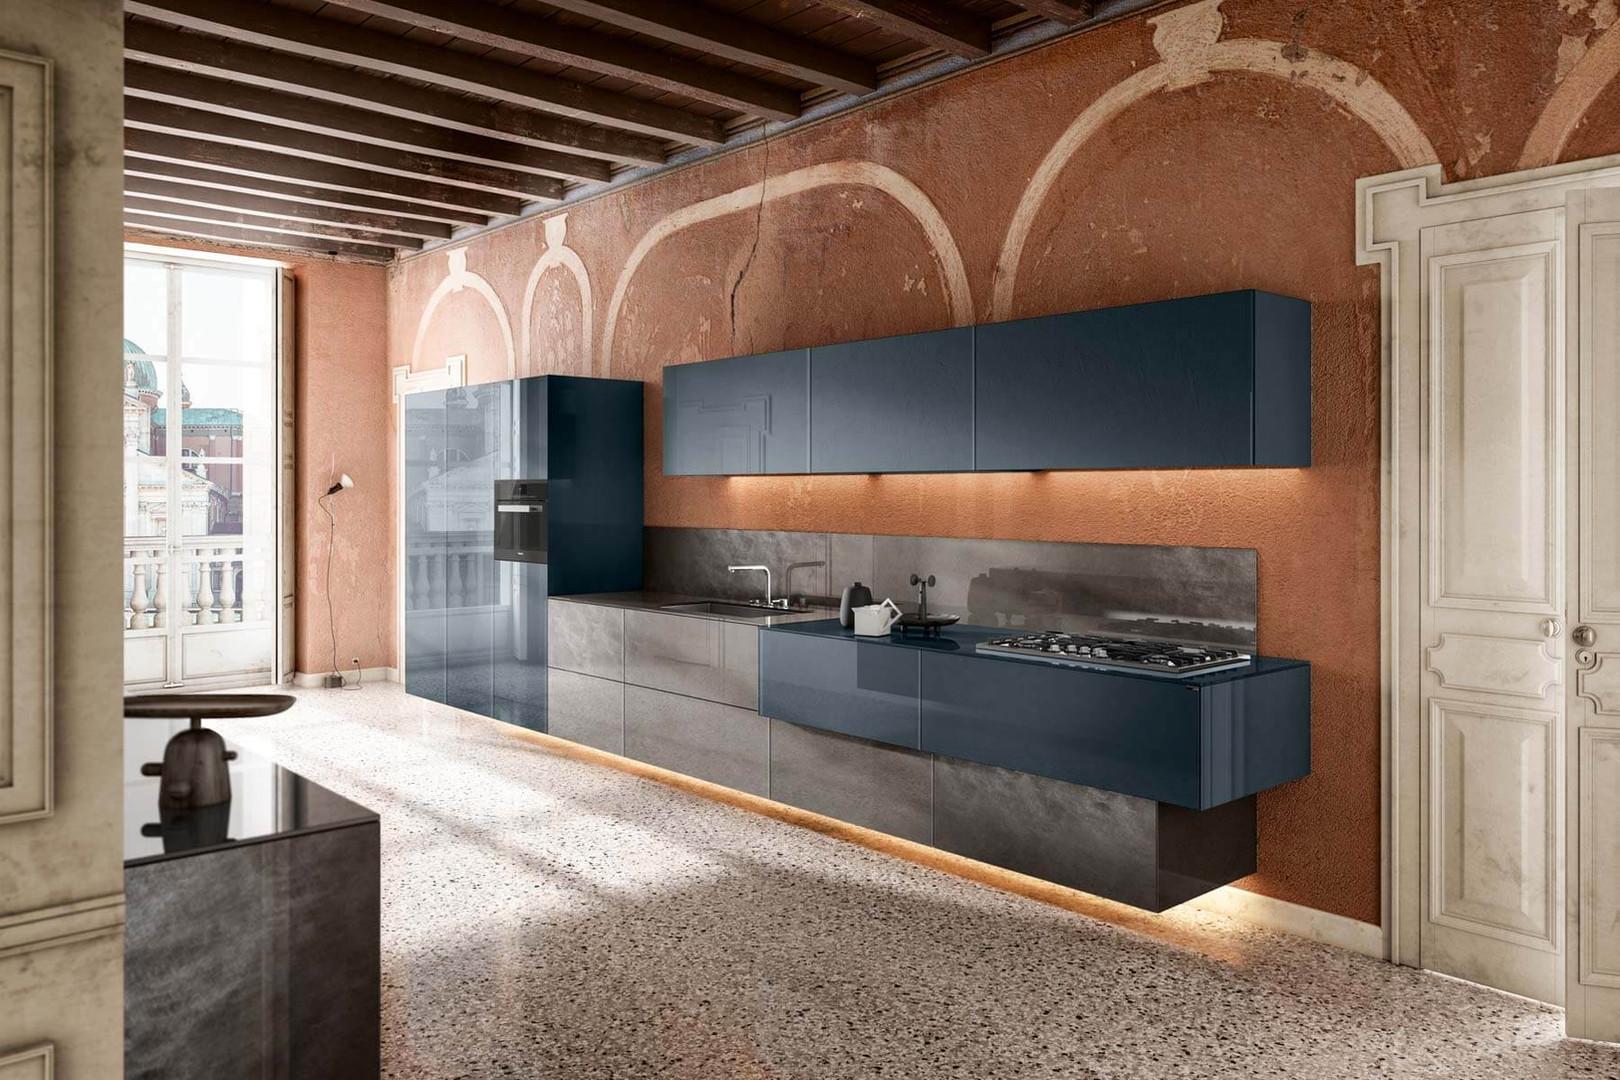 1_Kitchen-36e8-design-fenix.jpg